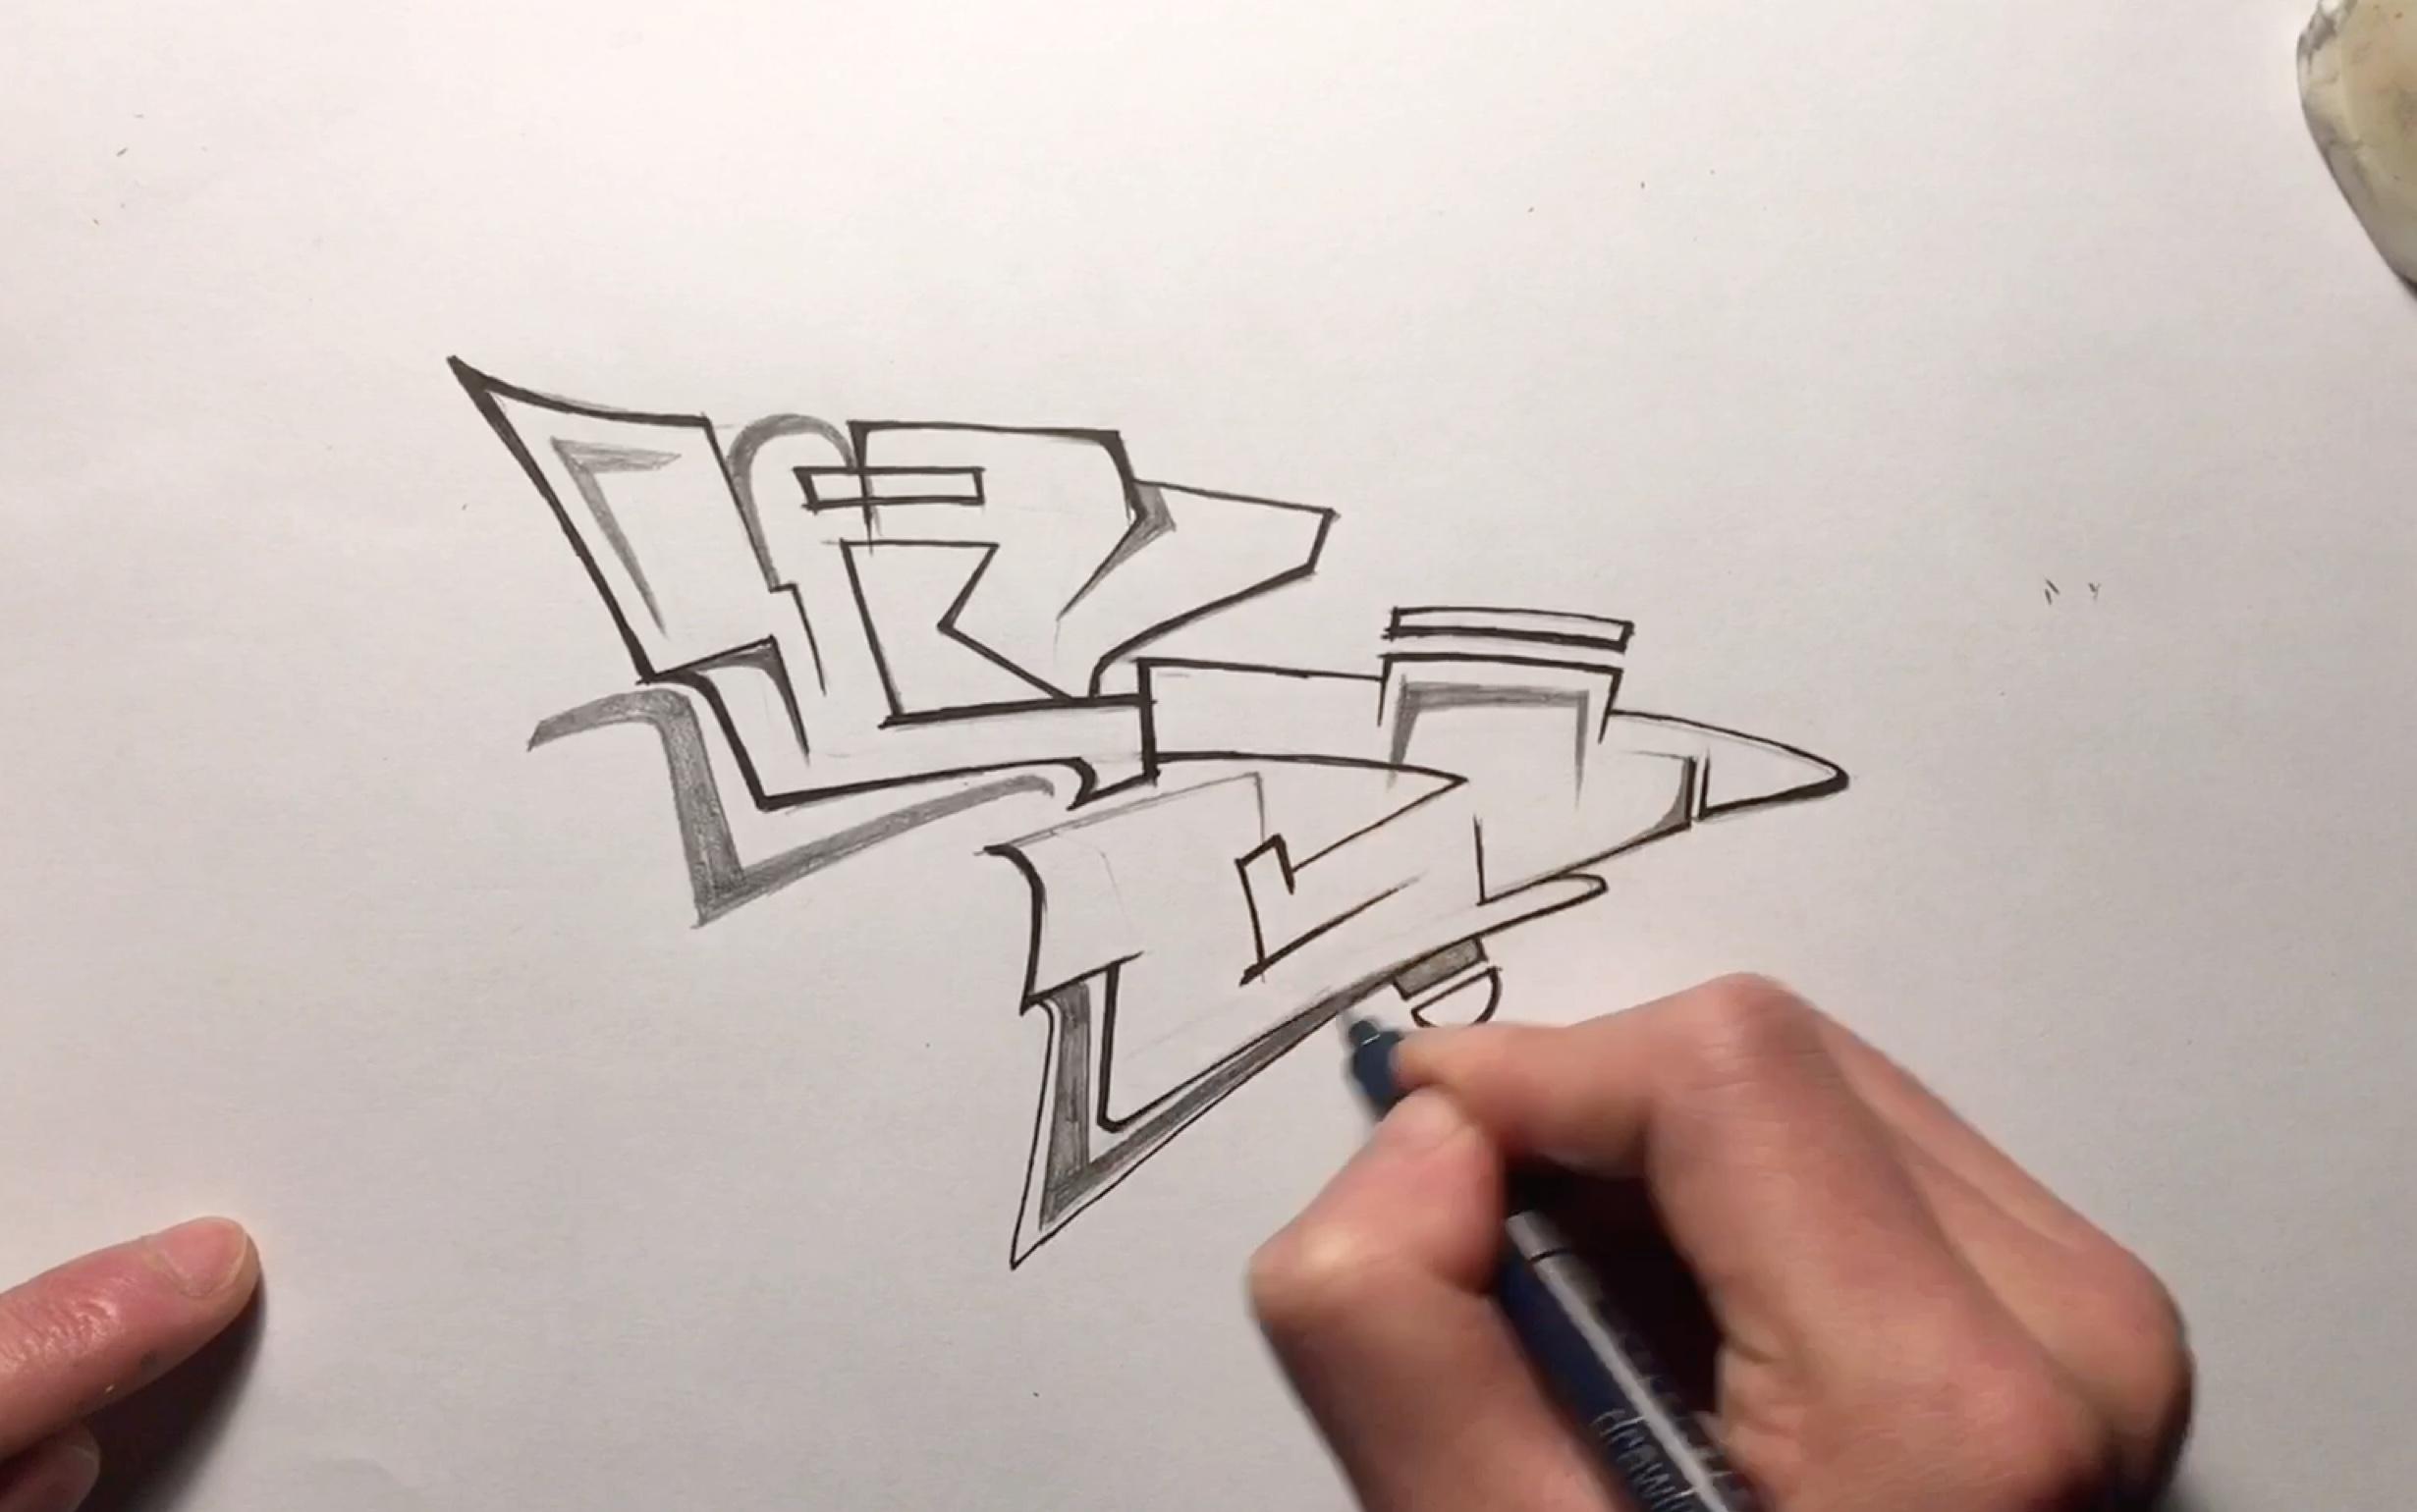 【涂鸦教学】如何把字变夸张,风格教学,新手向